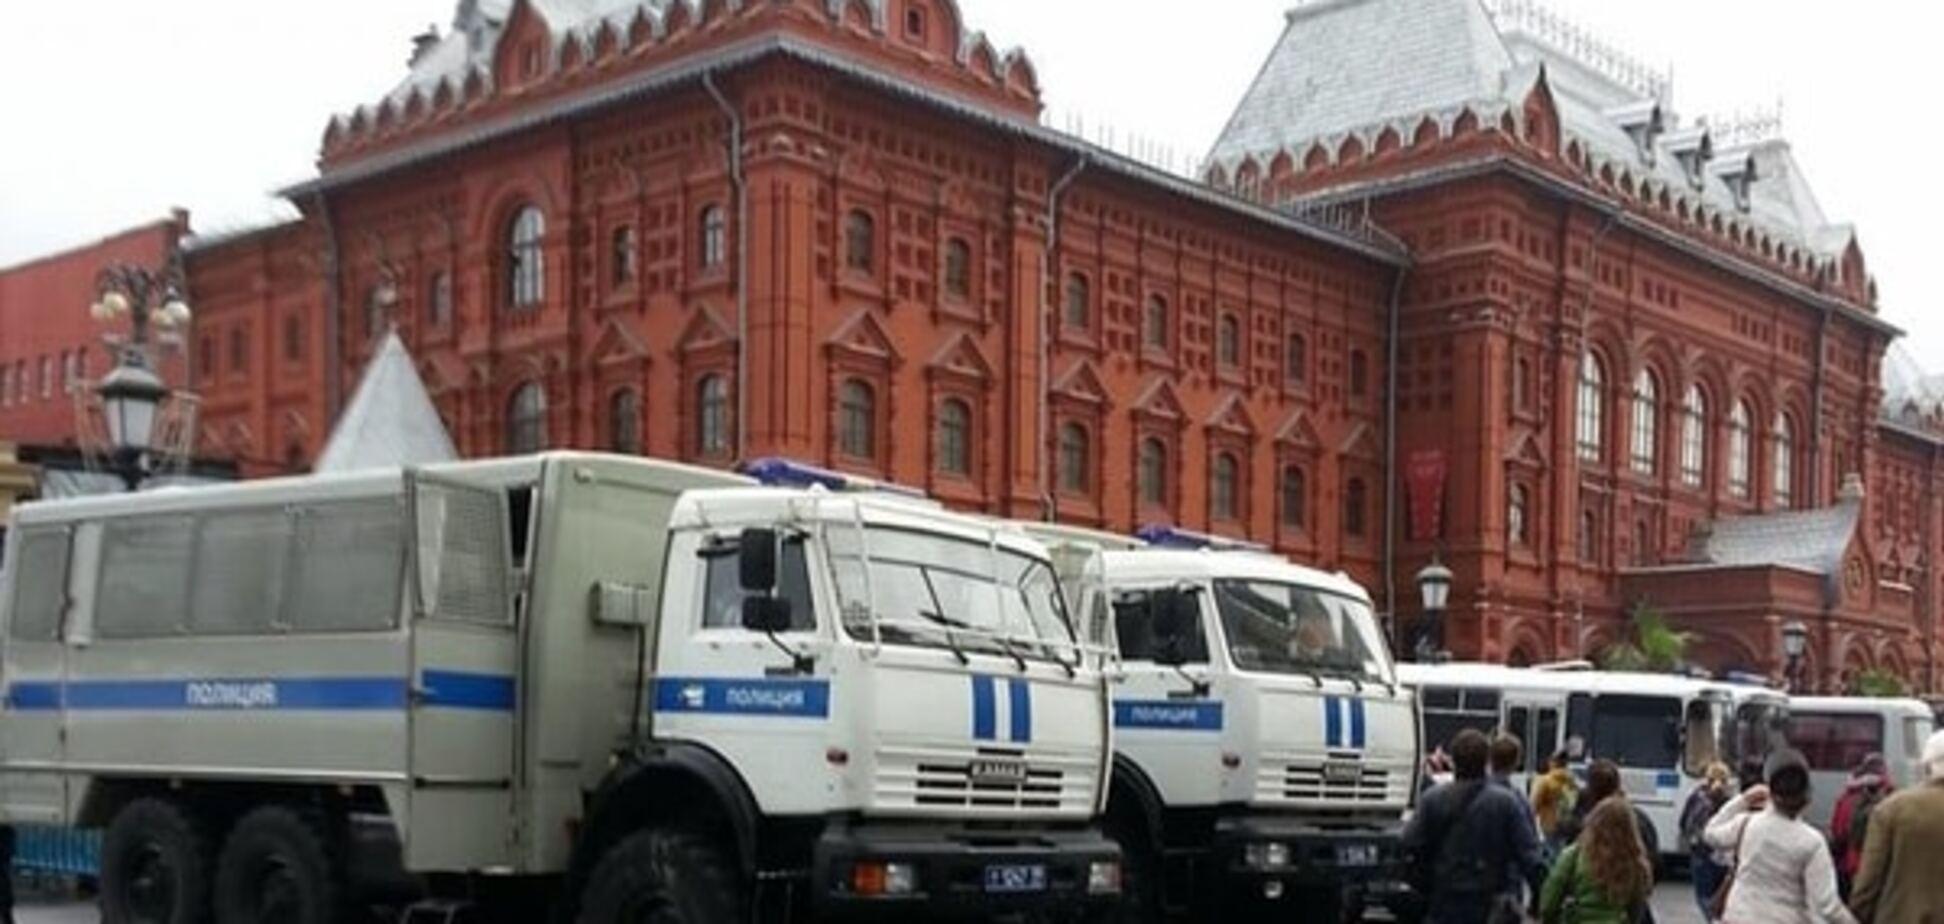 Праздник общего режима. День города в Москве превратился в День милиции: фотофакт